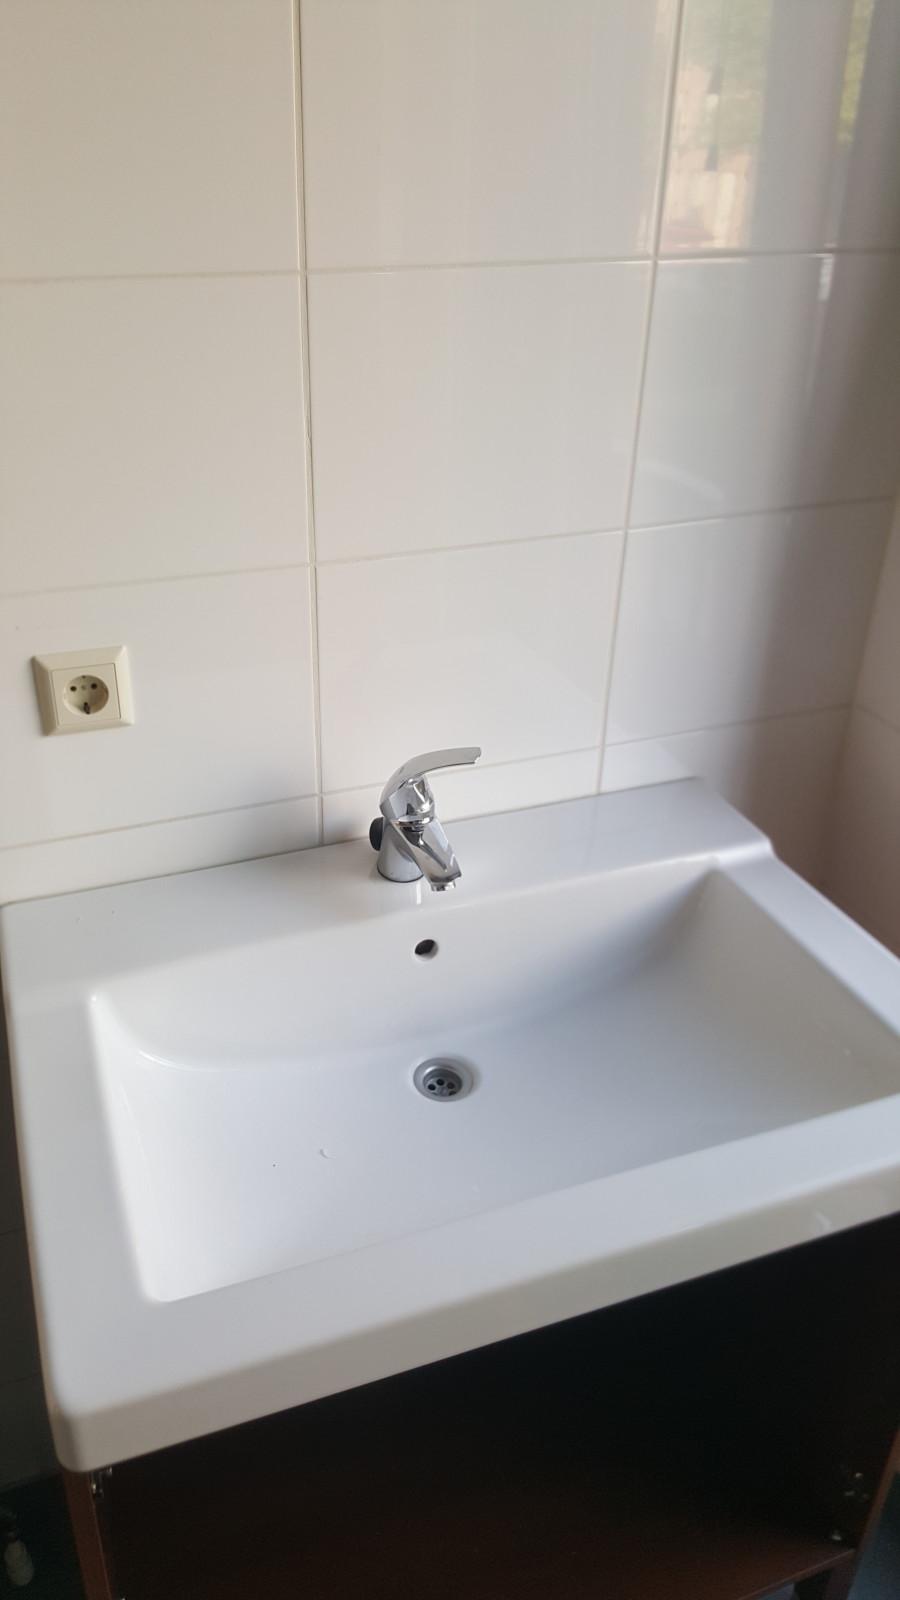 Badkamer wastafel meubel vervangen in Hoofddorp - De Klussenier ...